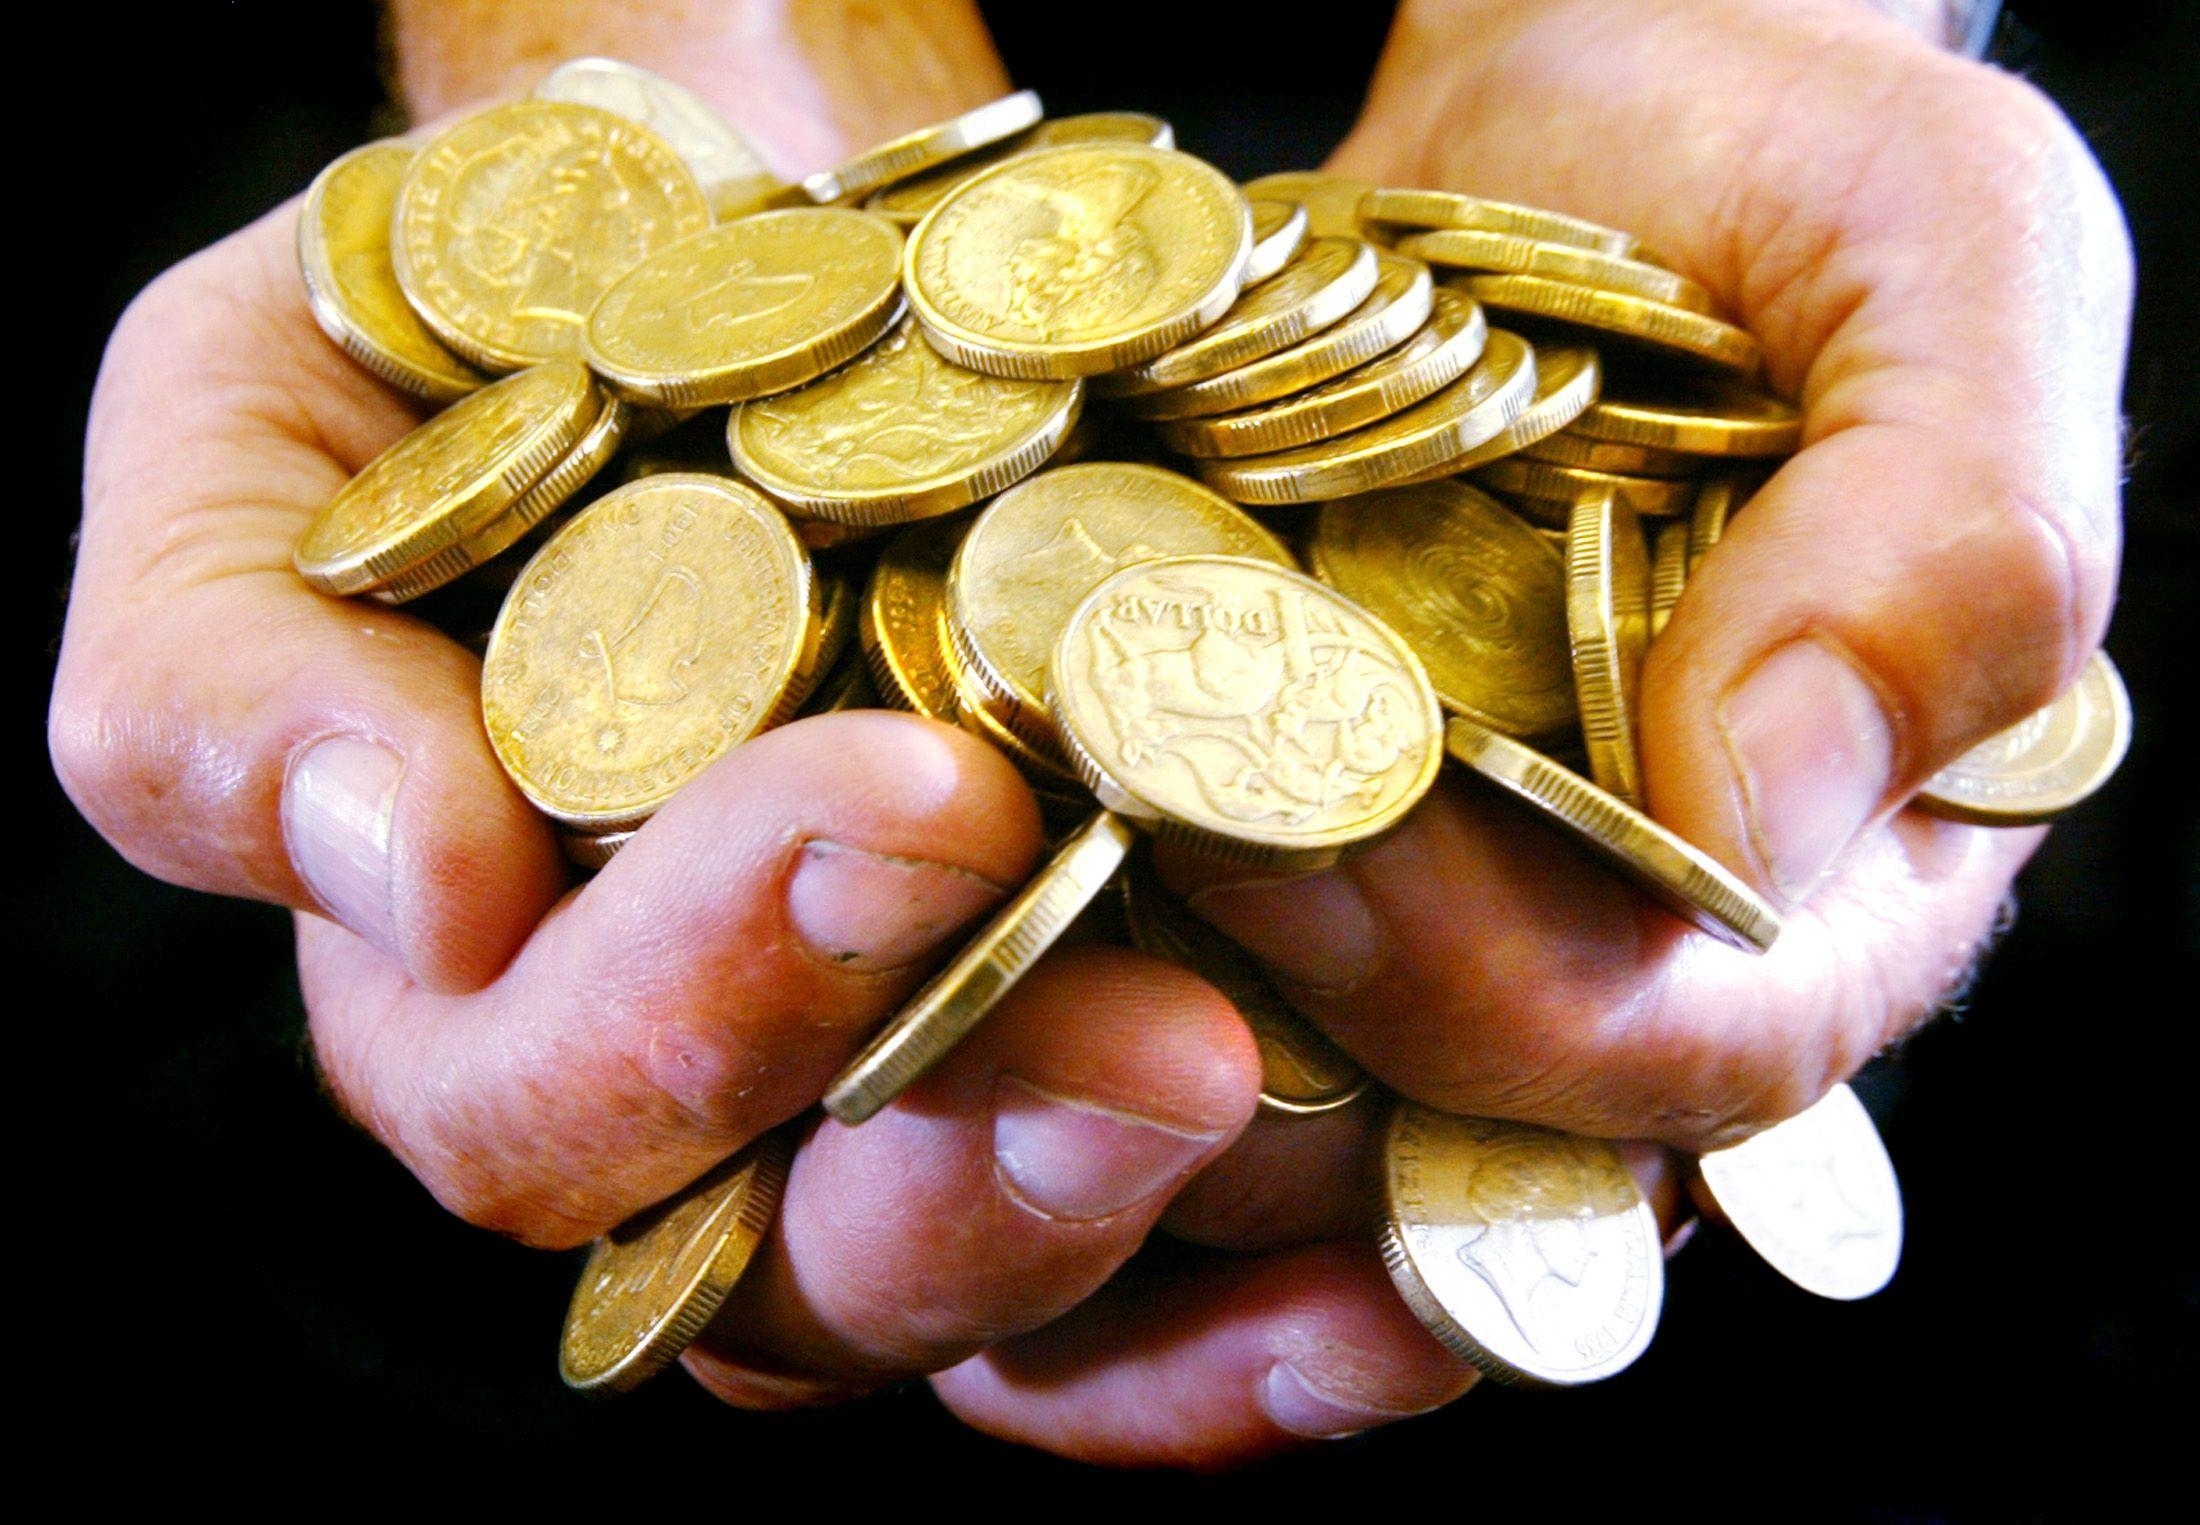 Des plongeurs ont découvert 2 000 pièces d'or dans les fonds marins du port antique de Césarée, en Israël.